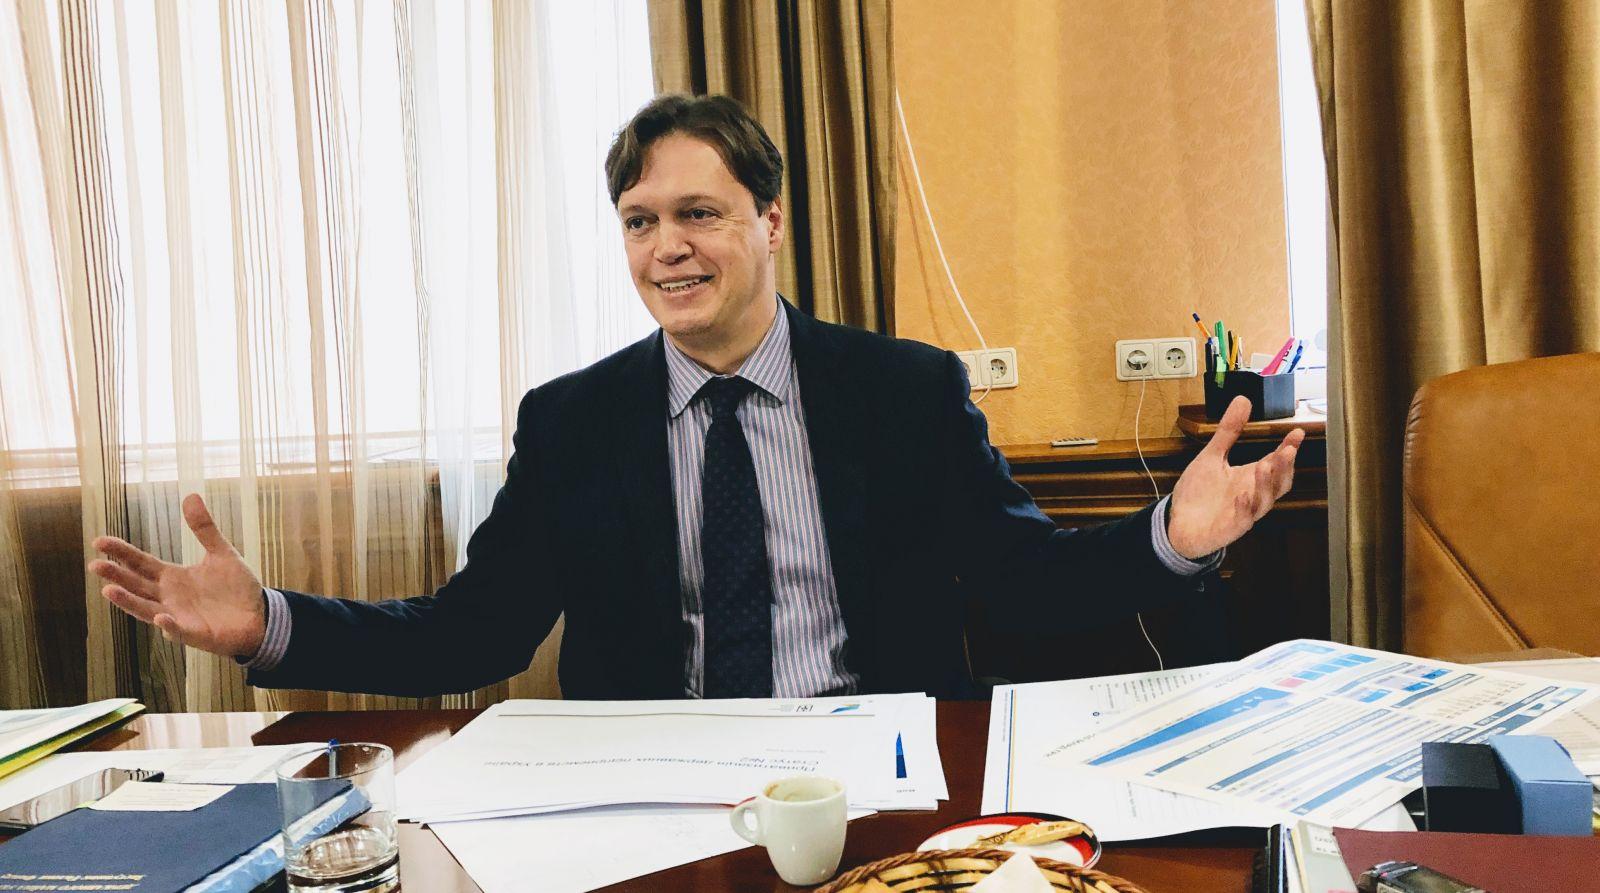 Распродать все. Глава ФГИ рассказал, как украинской экономике догнать по...